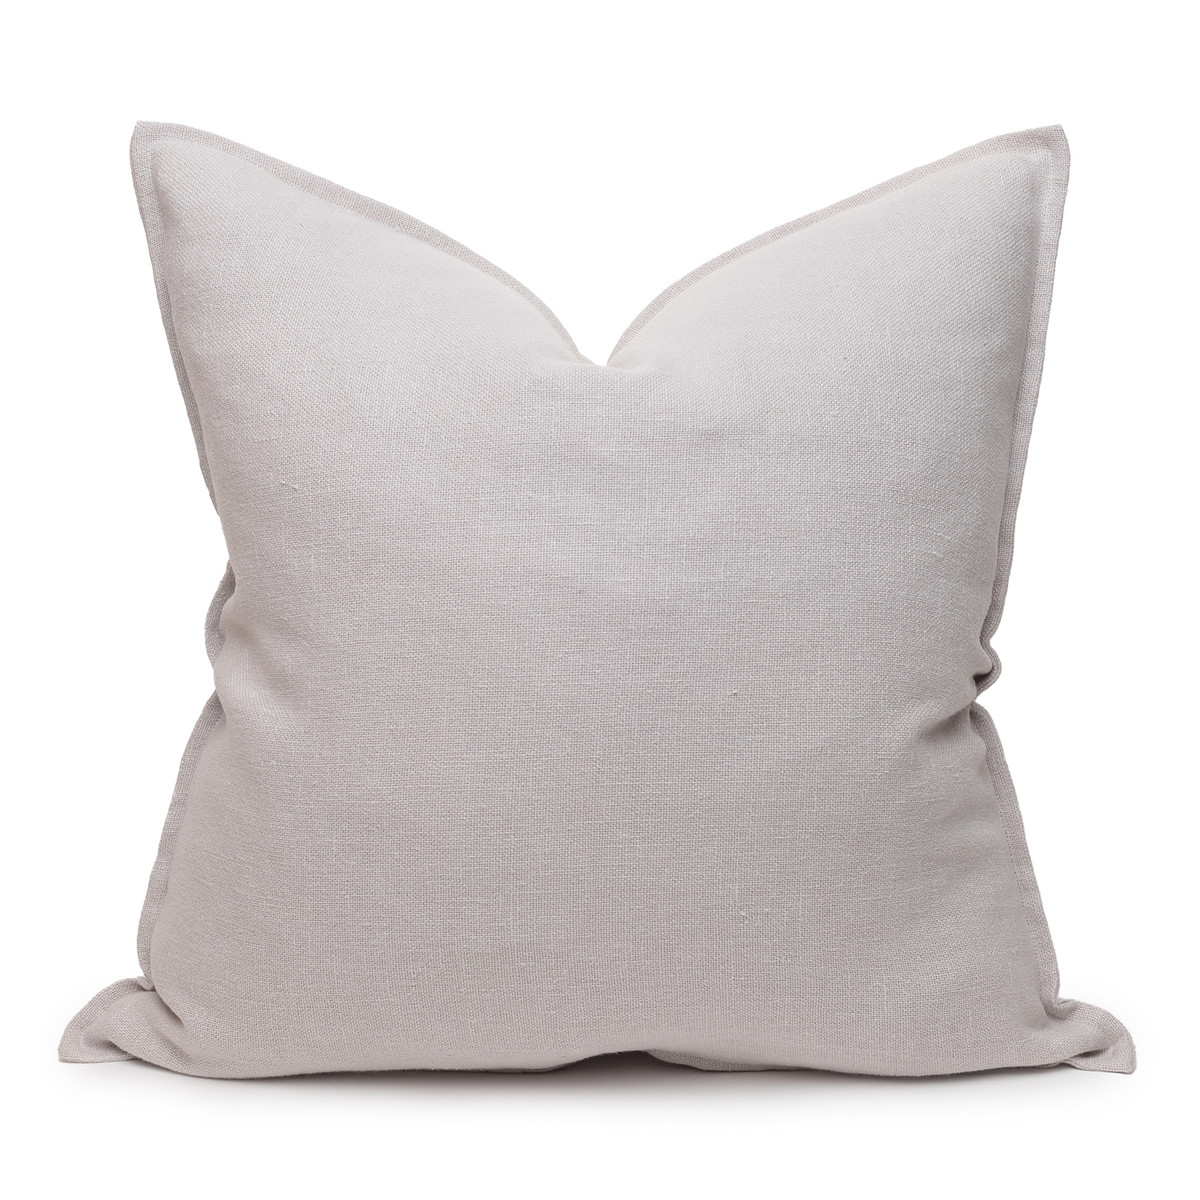 Simone PURE LINEN pillow mist - front